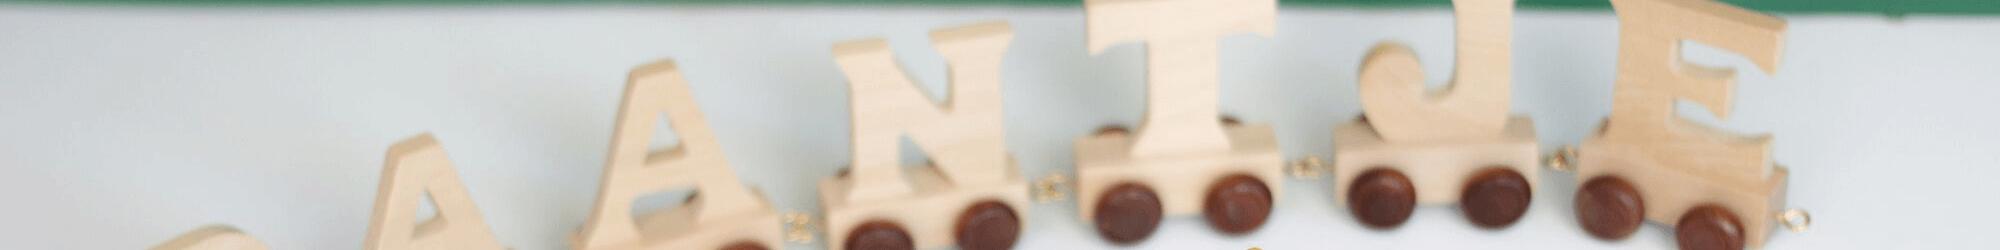 Speelgoedwinkel Daantje houten lettertrein naamtrein